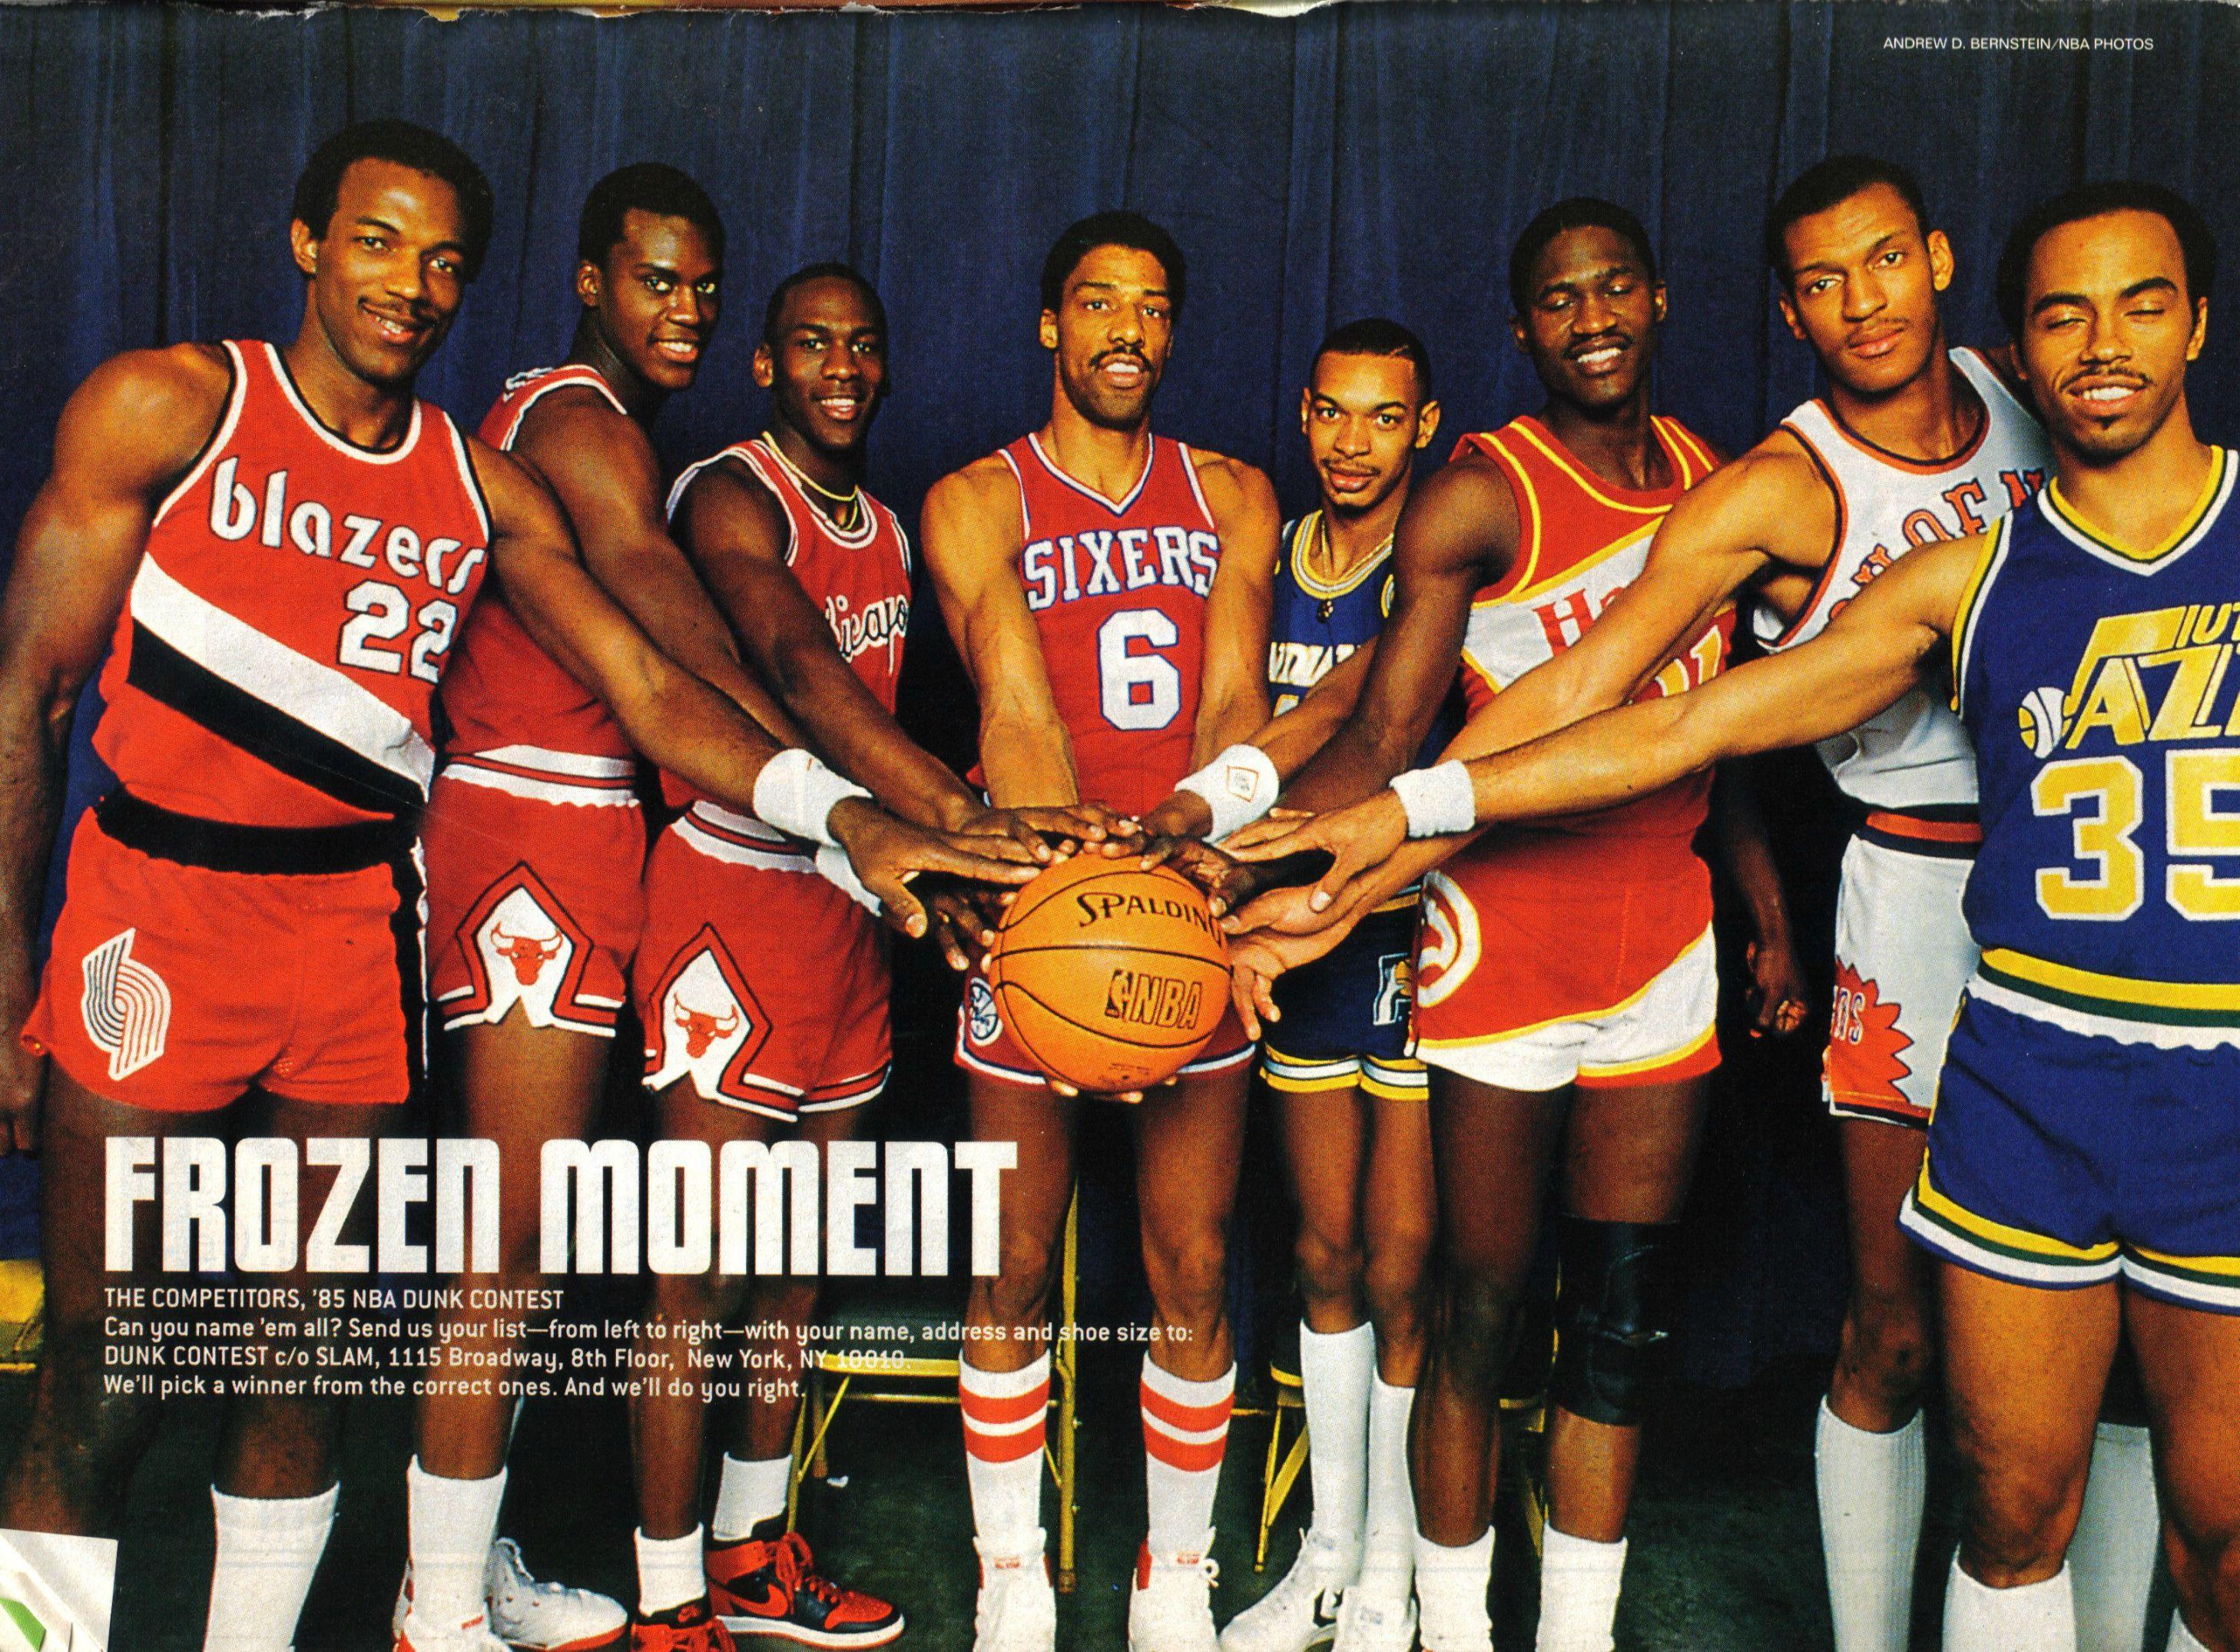 1985 NBA Dunk Contest with Clyde Drexler Orlando Woolridge